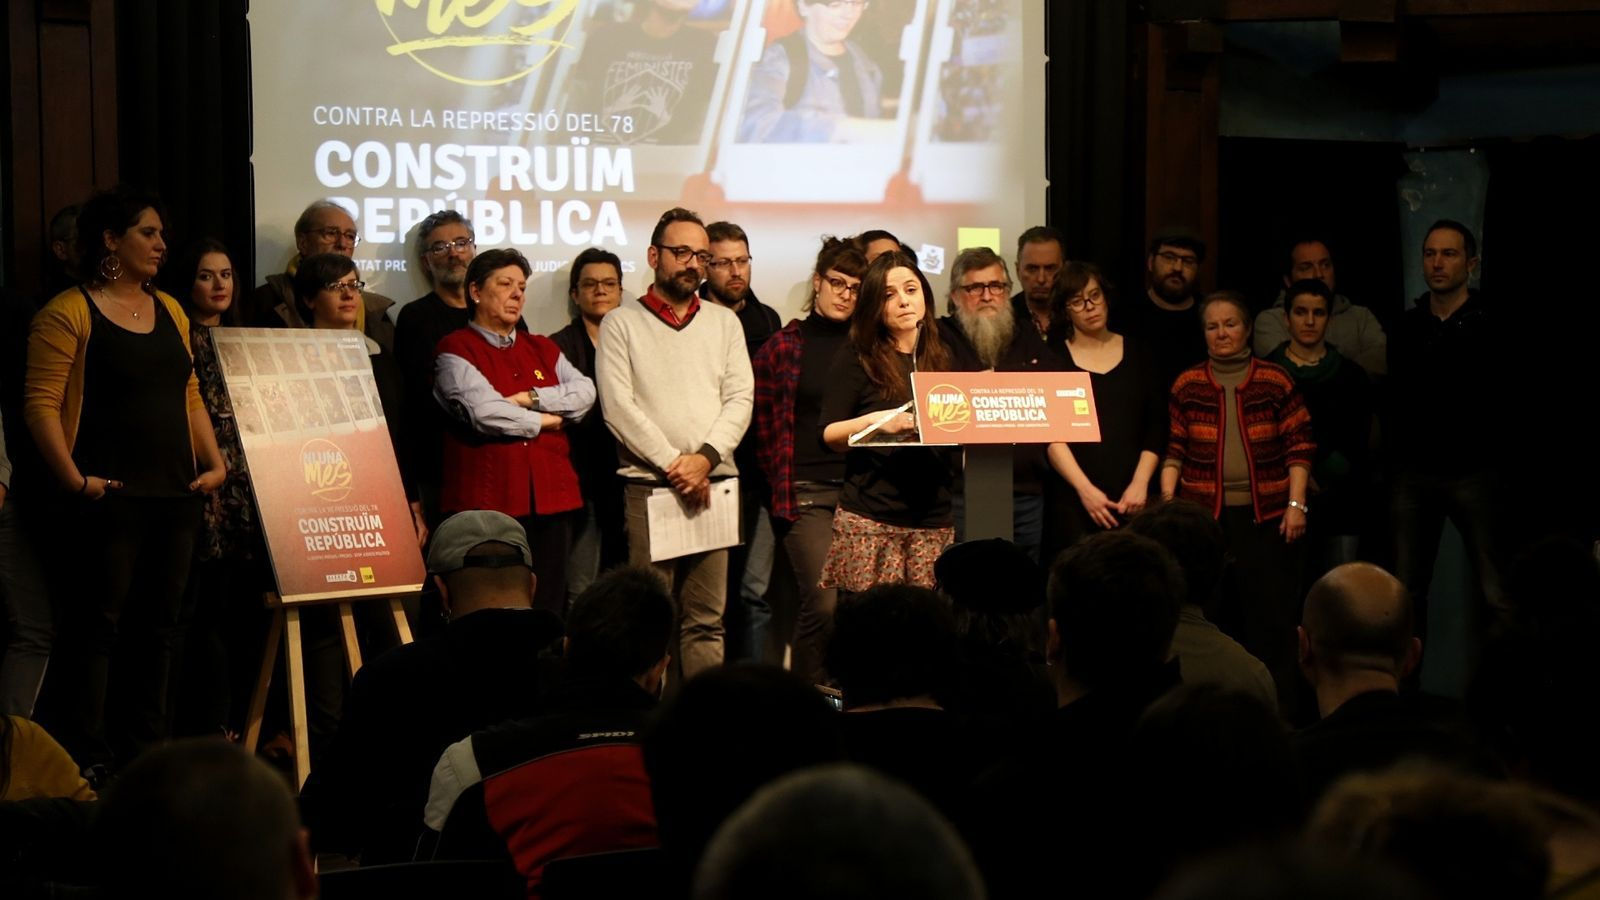 """Benet Salellas: """"L'Anna no ha fugit, ha buscat refugi davant la persecució política"""""""